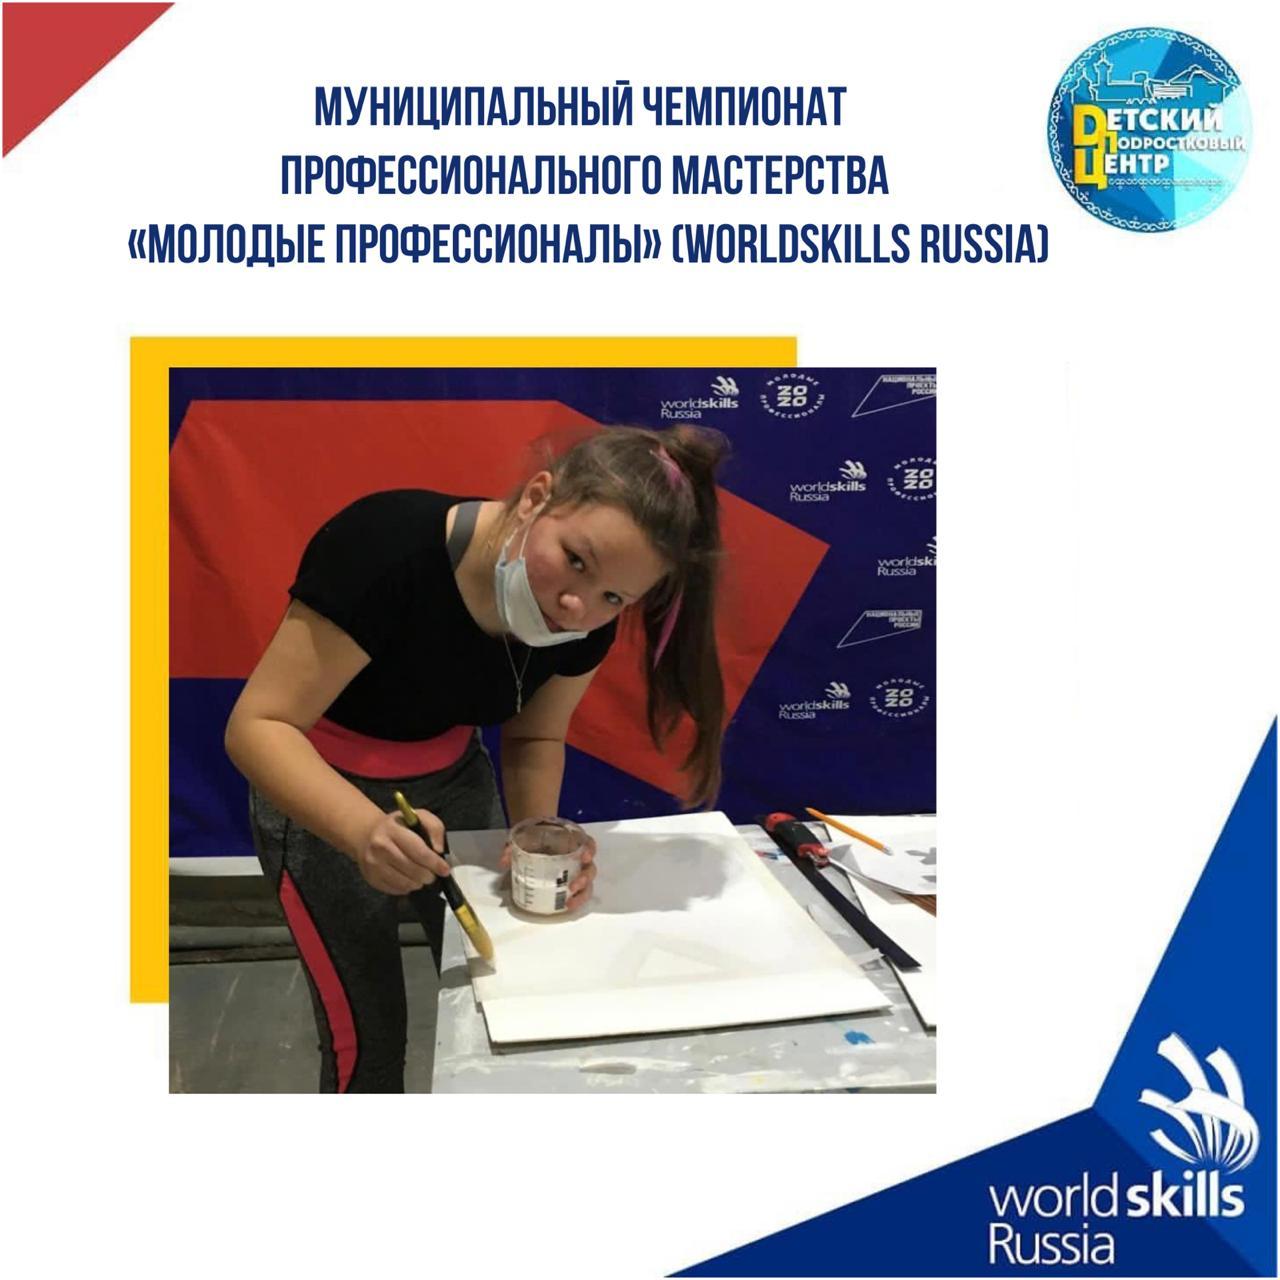 Дневник чемпионата профессионального мастерства «Молодые профессионалы (WorldSkills Russia)»